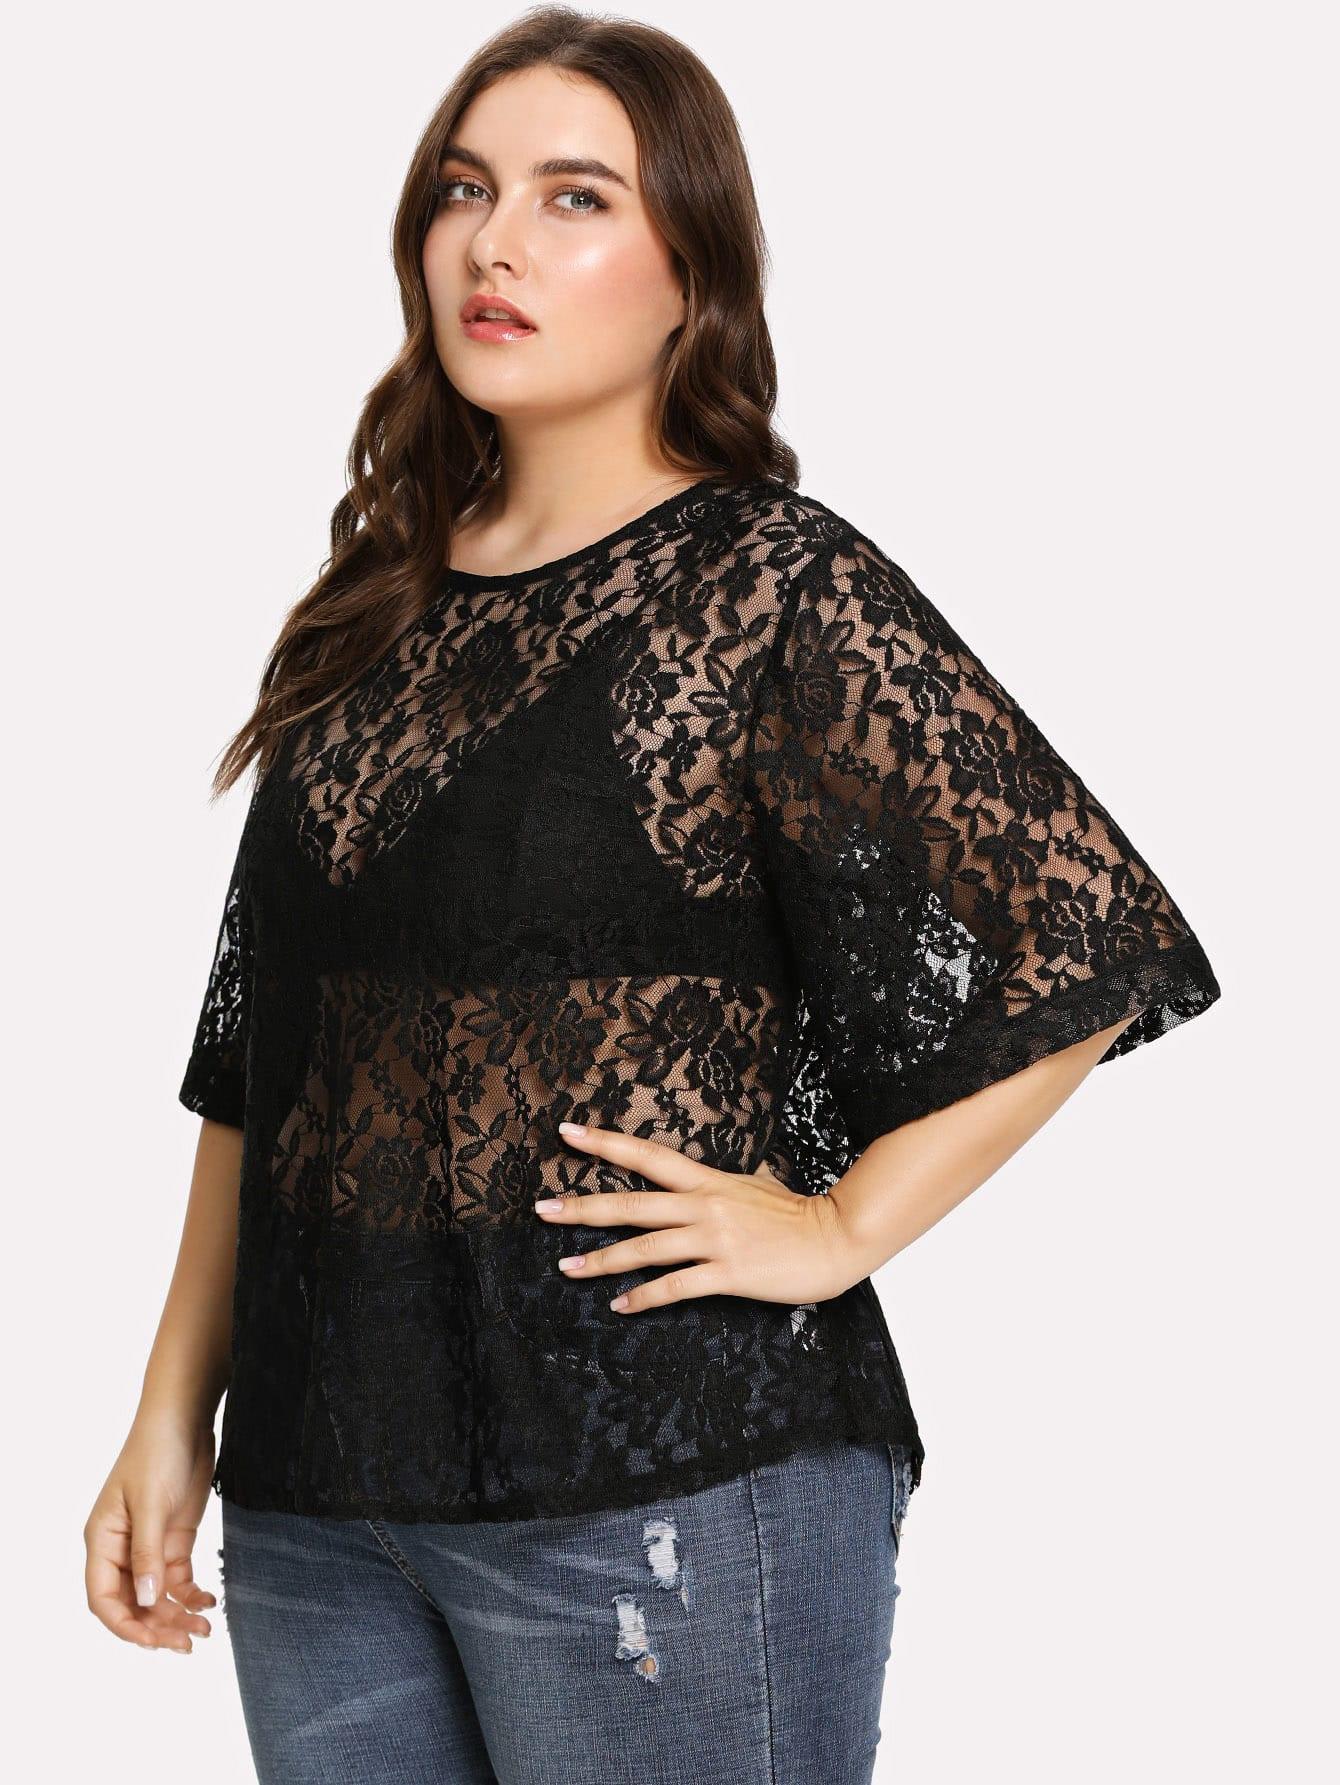 Купить Прозрачная кружевная блуза, Franziska, SheIn